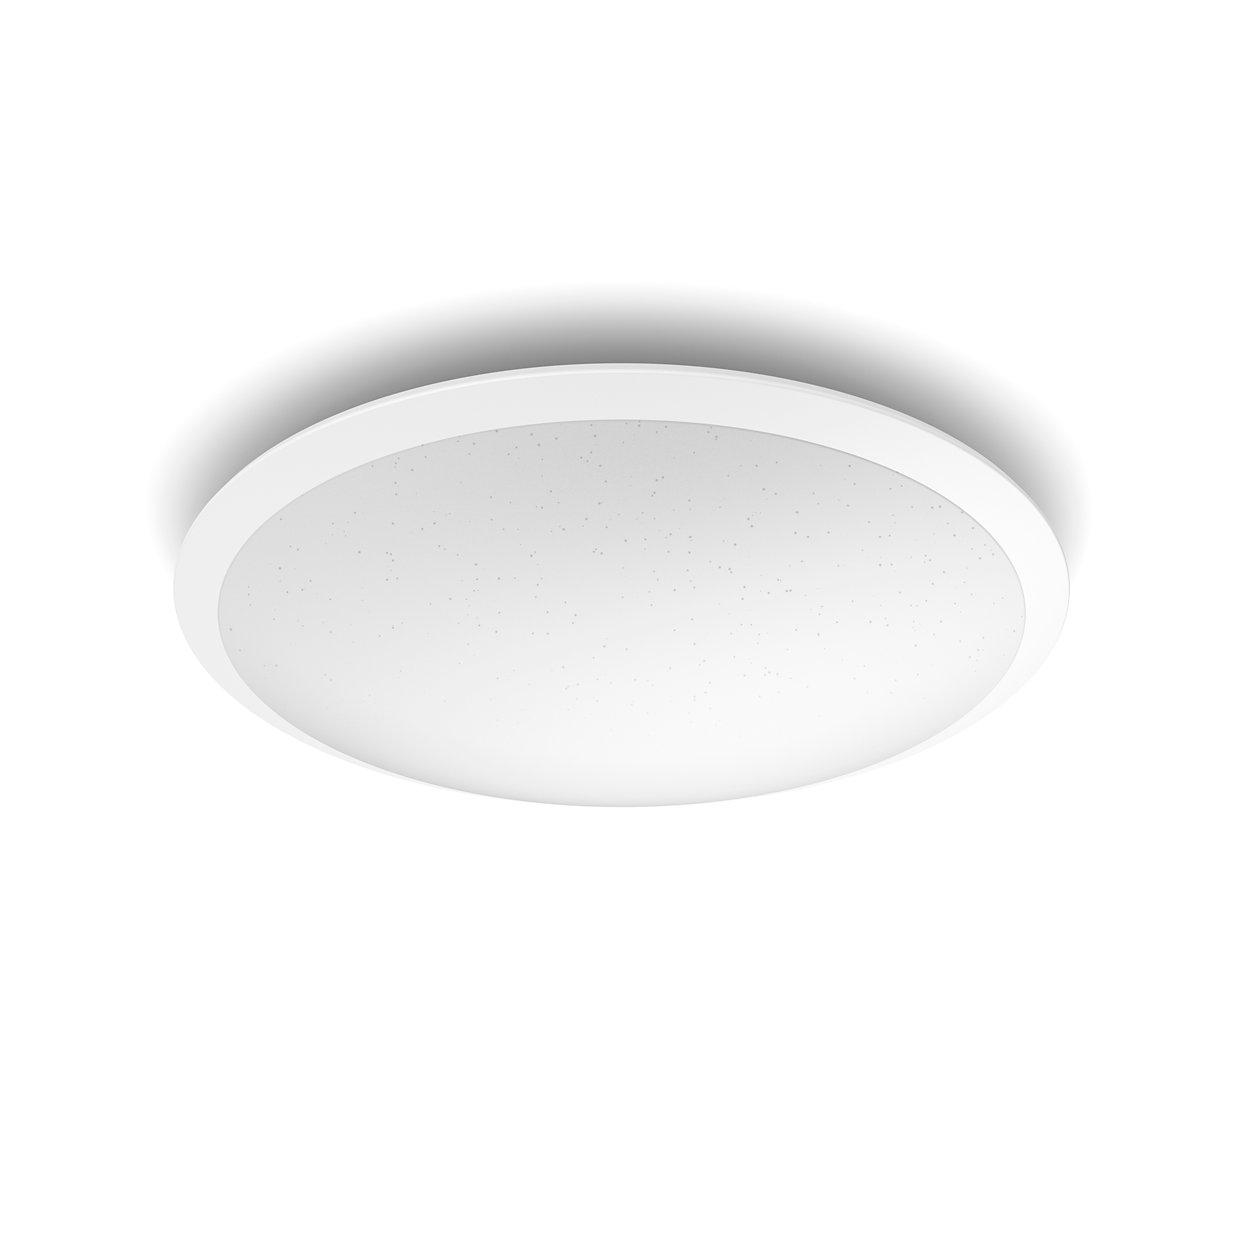 Una luminaria. El interruptor de siempre. Tres ajustes de iluminación.